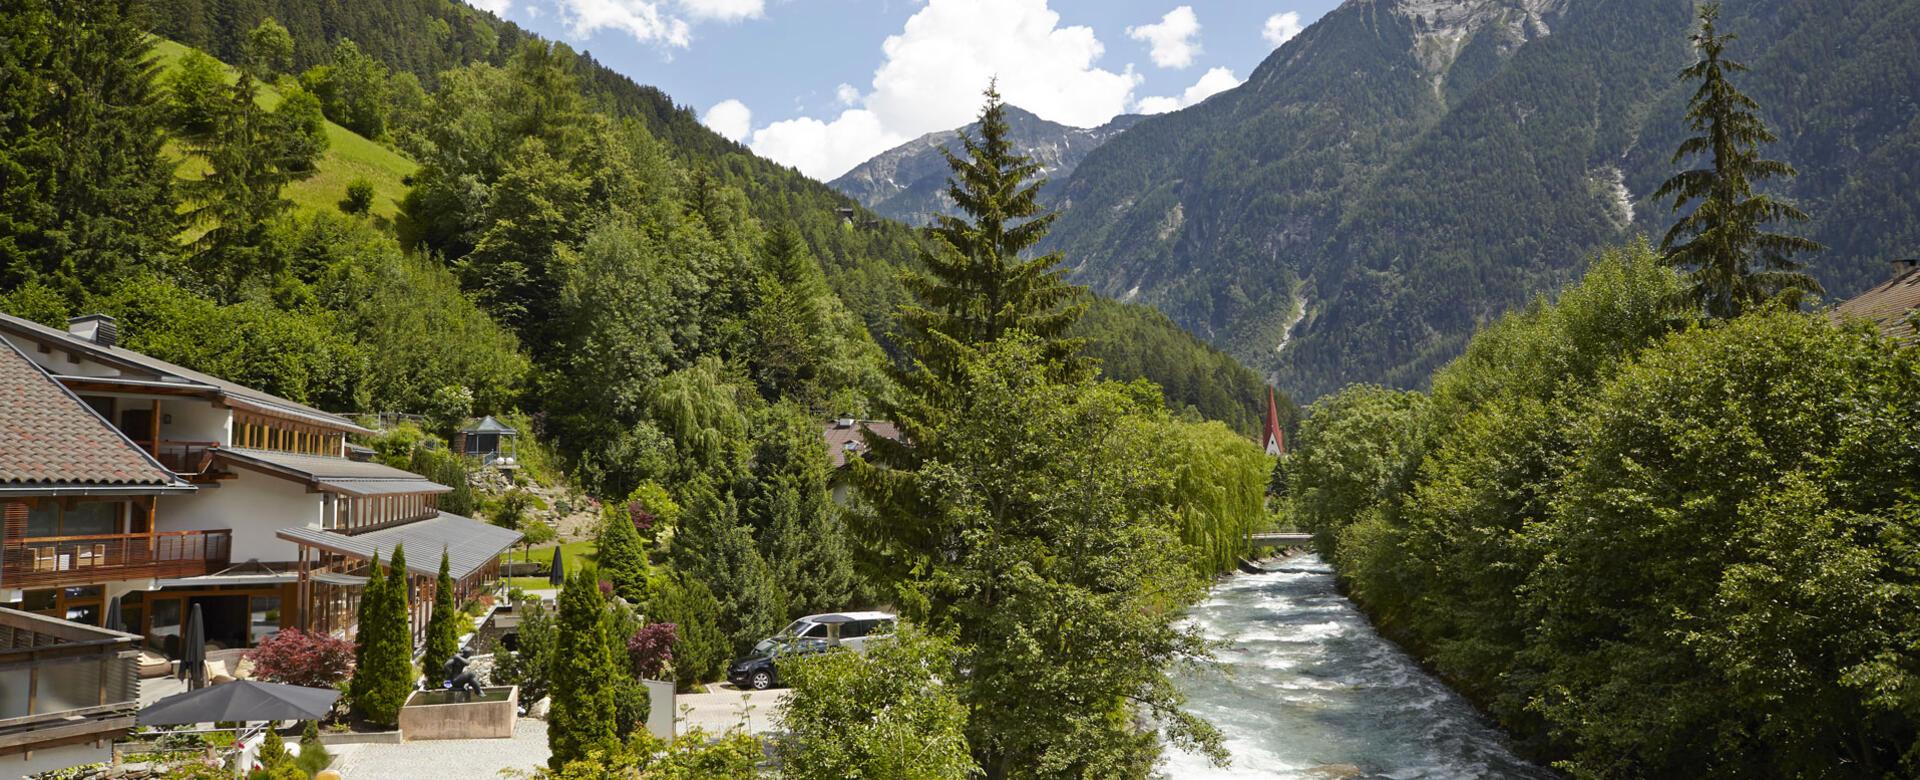 feldmilla it la-tua-splendida-vacanza-in-valle-aurina 003